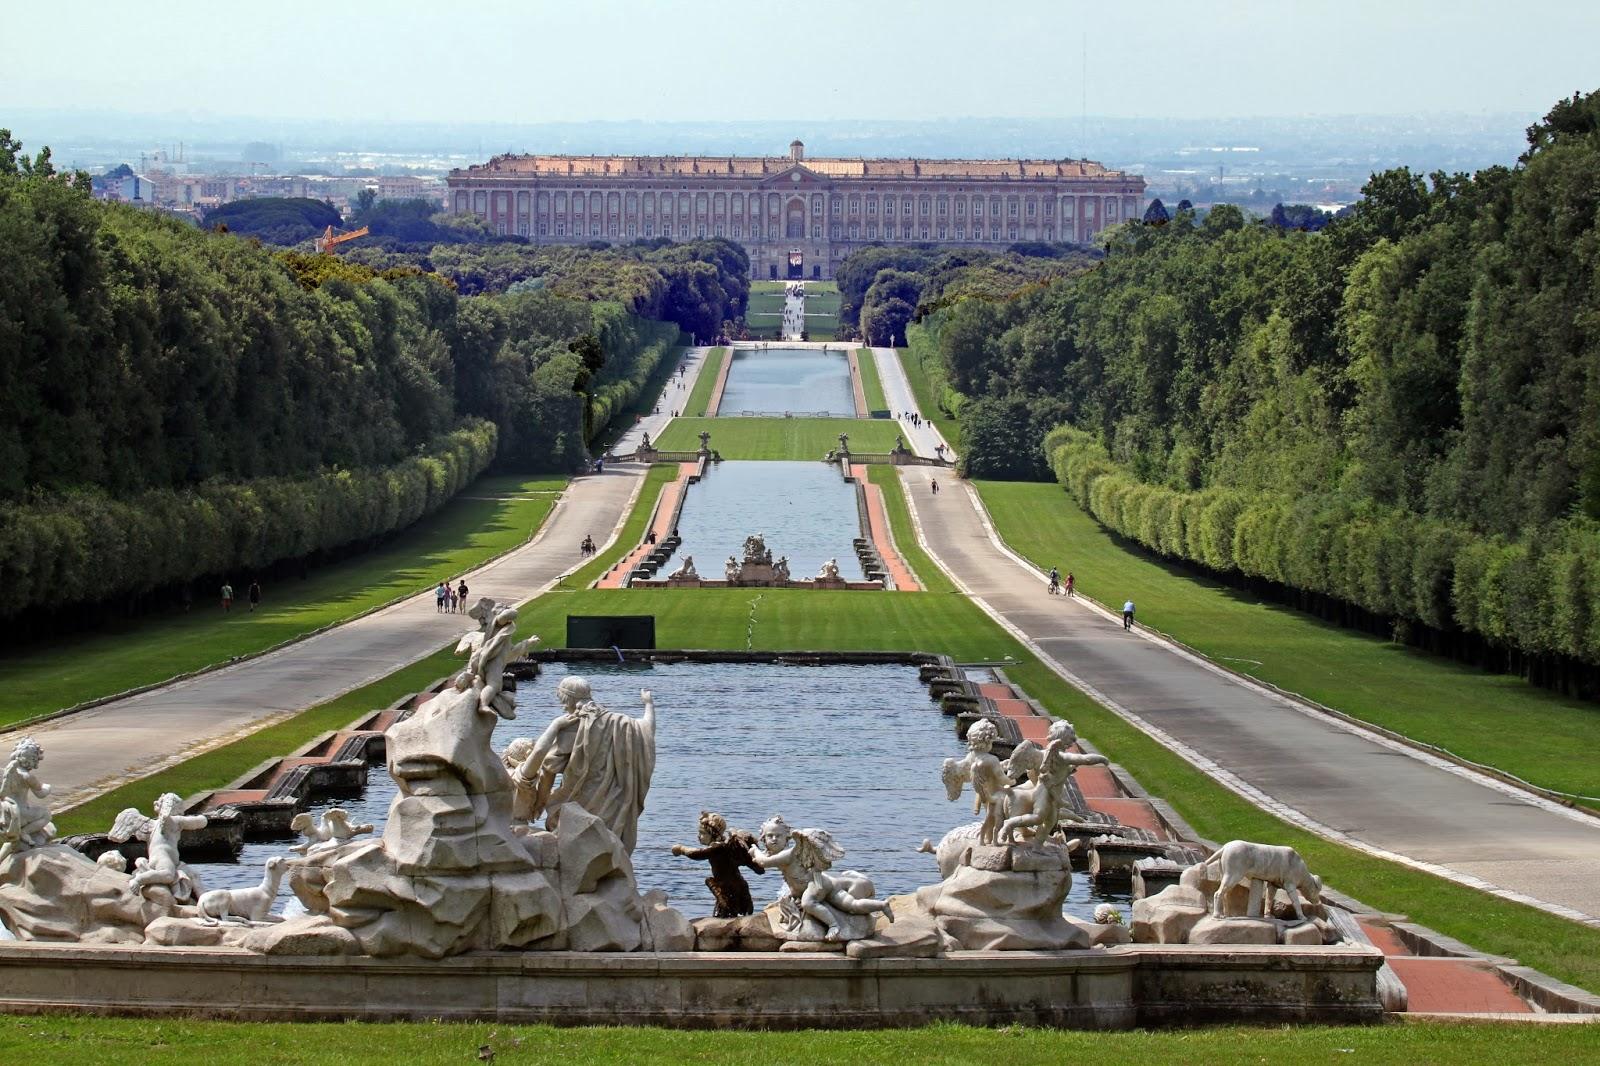 Conheça os 10 pontos turísticos mais conhecidos na Itália 2 dicas Viaje Global